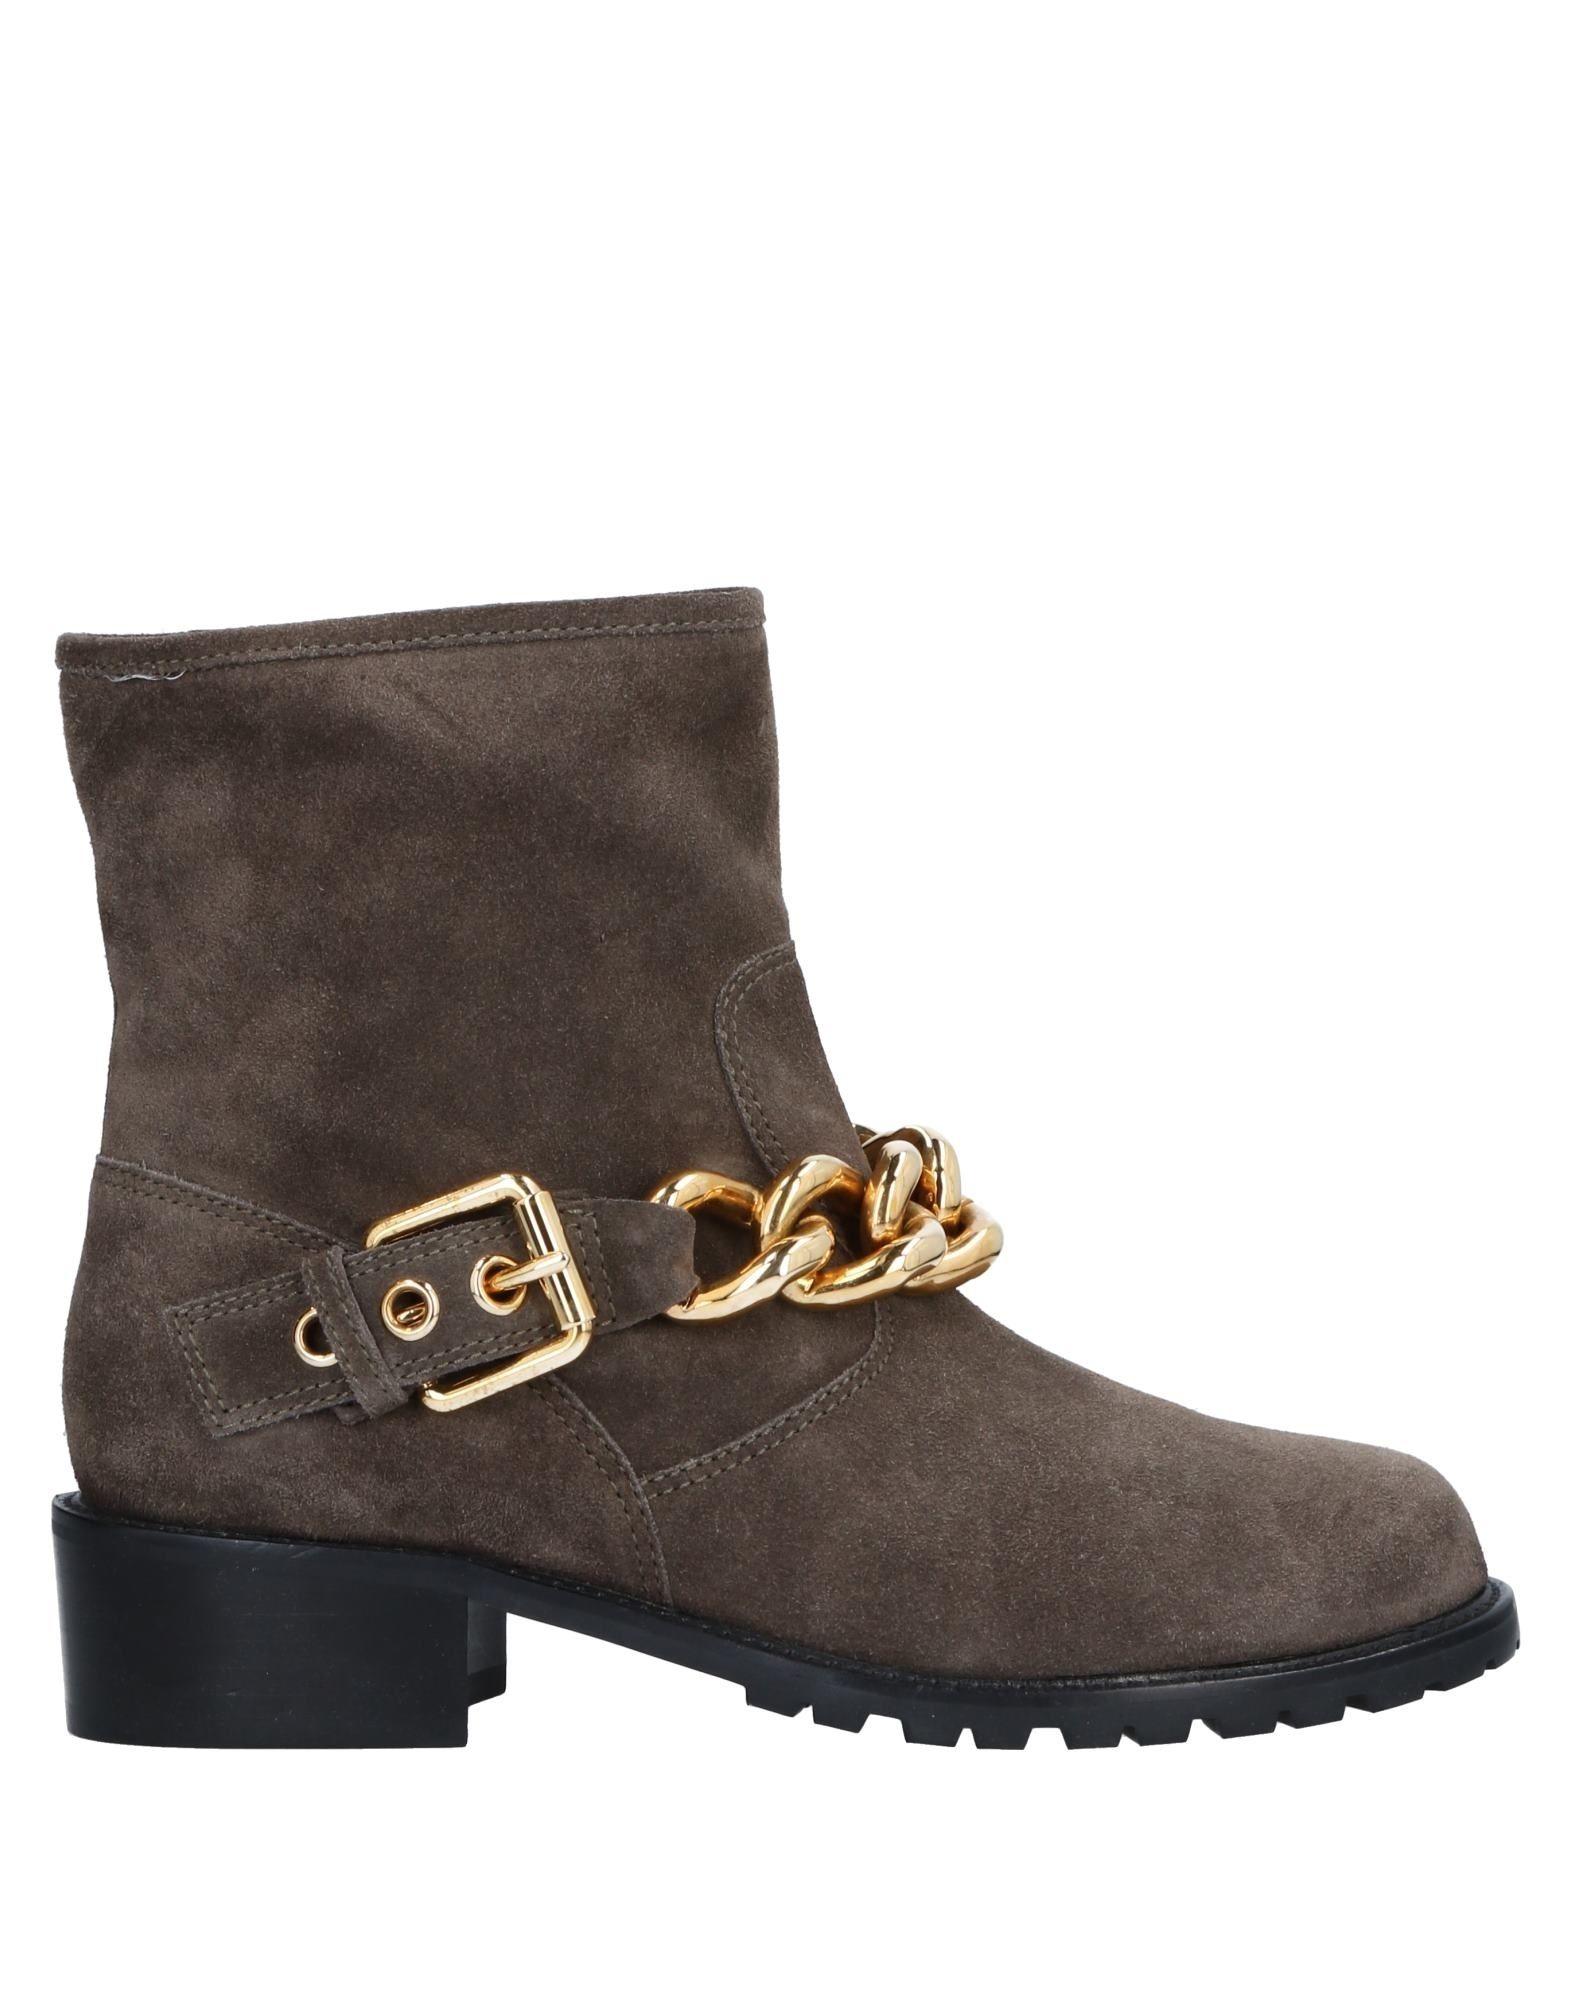 Giuseppe Zanotti Stiefelette Damen  11529428EUGünstige gut aussehende Schuhe